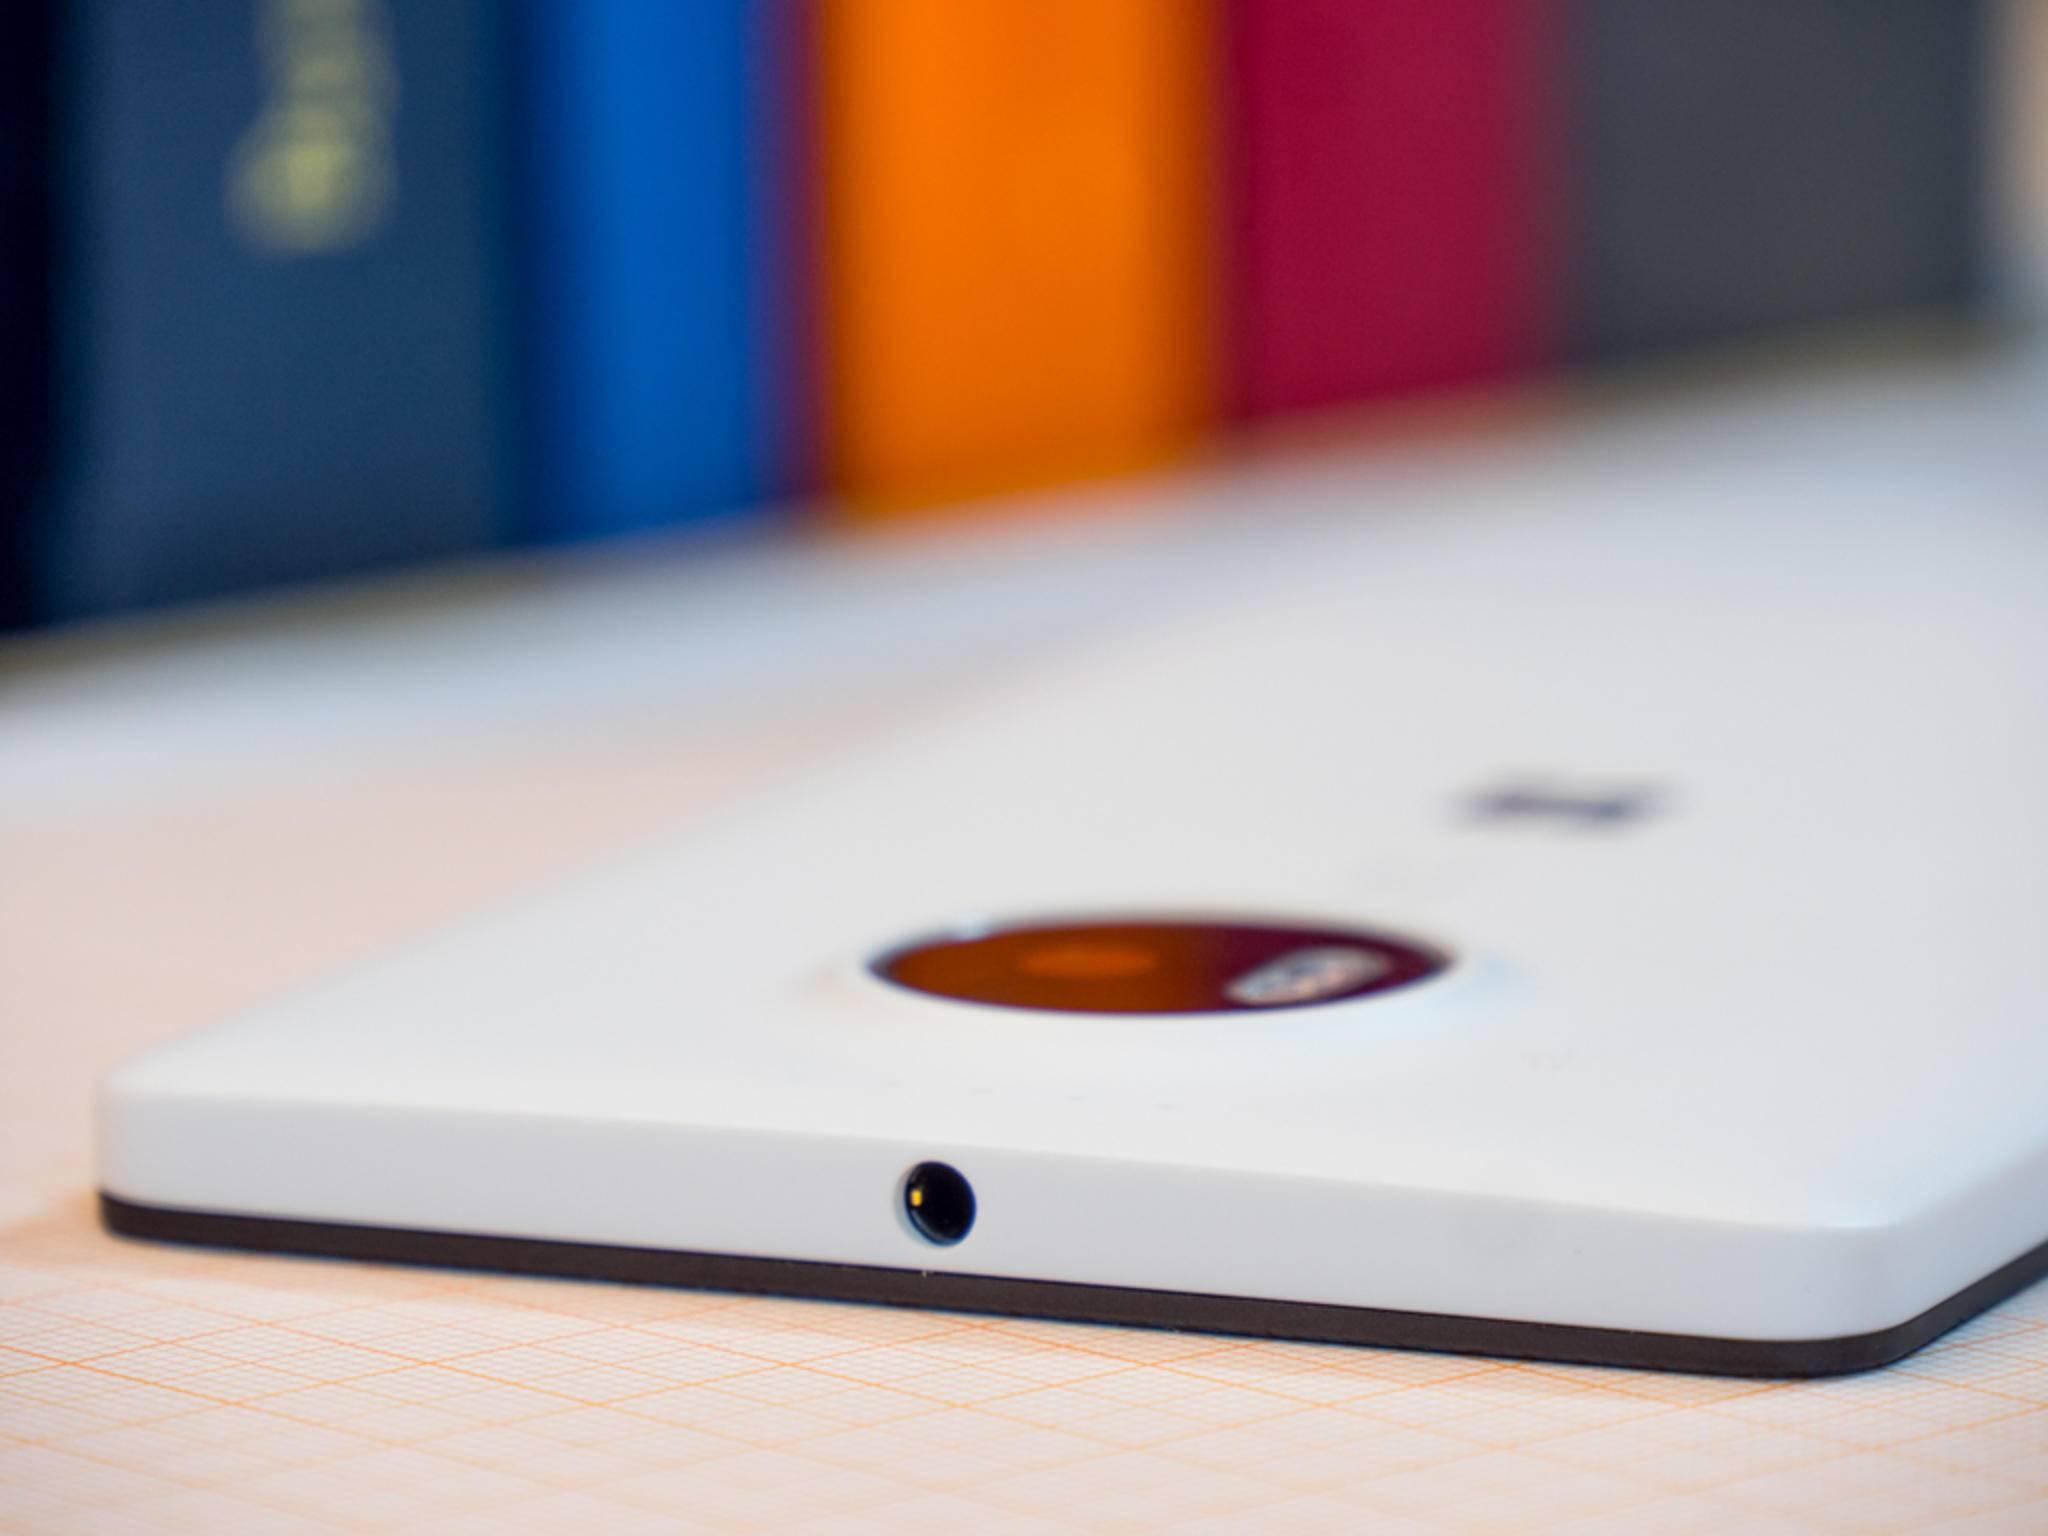 Das Surface Phone soll das produktivste Smartphone überhaupt werden.